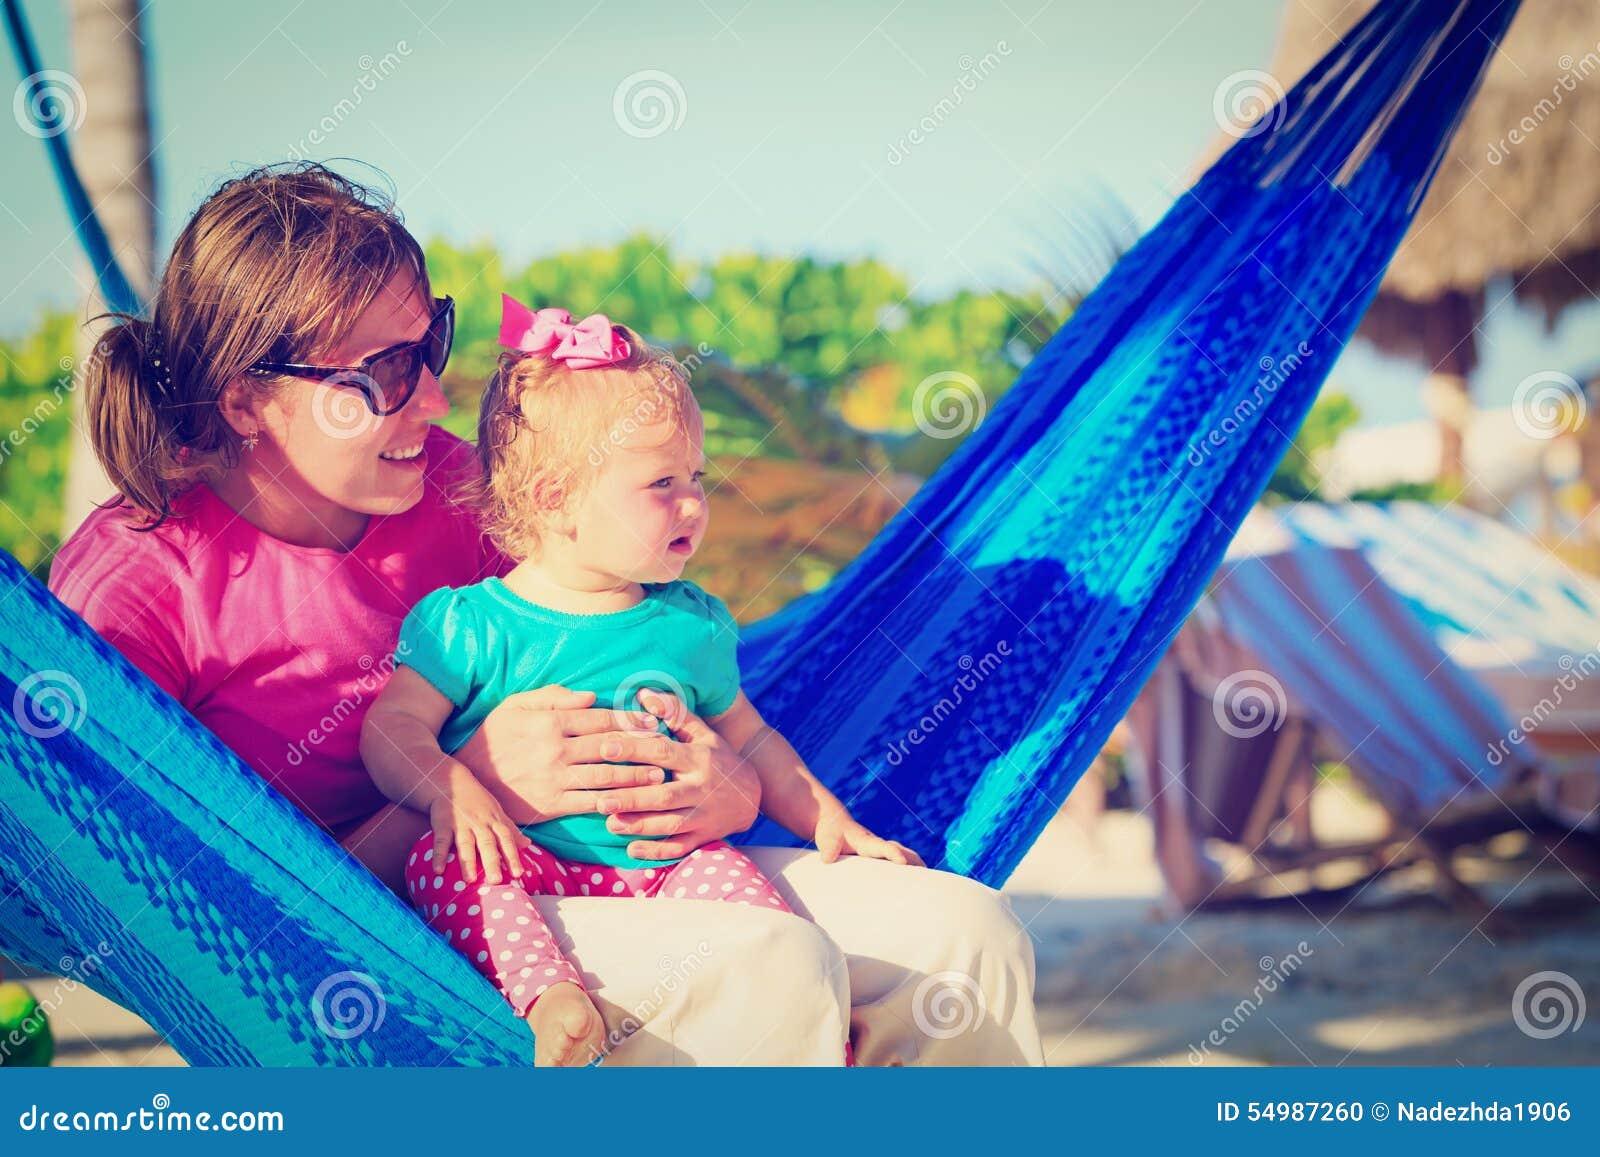 Moder och liten dotter som kopplas av i hängmatta